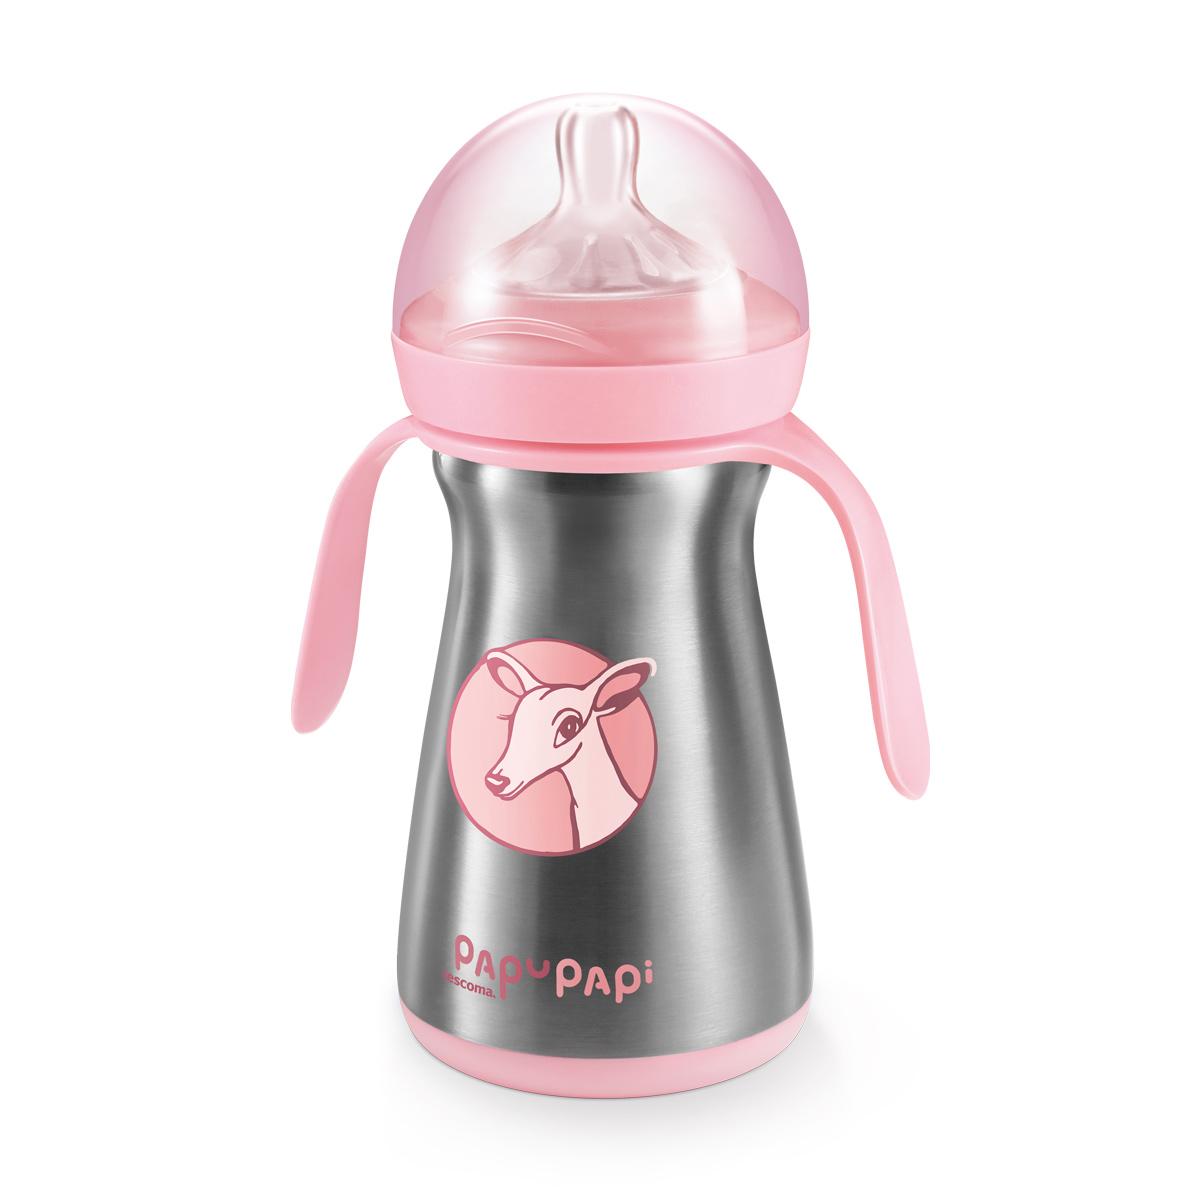 Termo láhev PAPU PAPI 200 ml, růžová